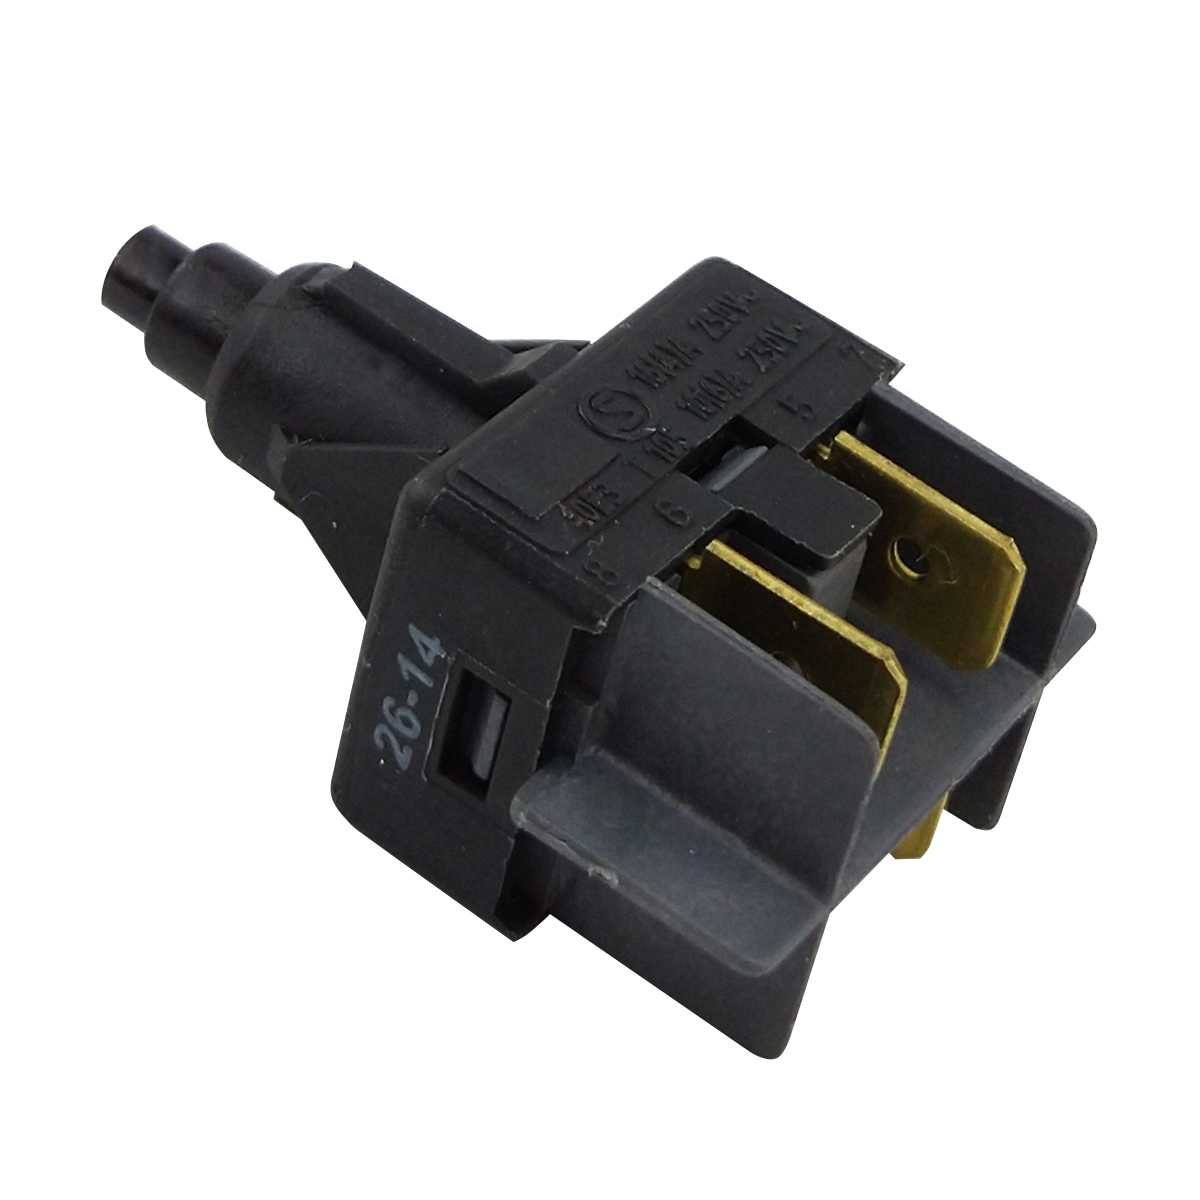 Interruptor bipolar freezer Electrolux H210 H220